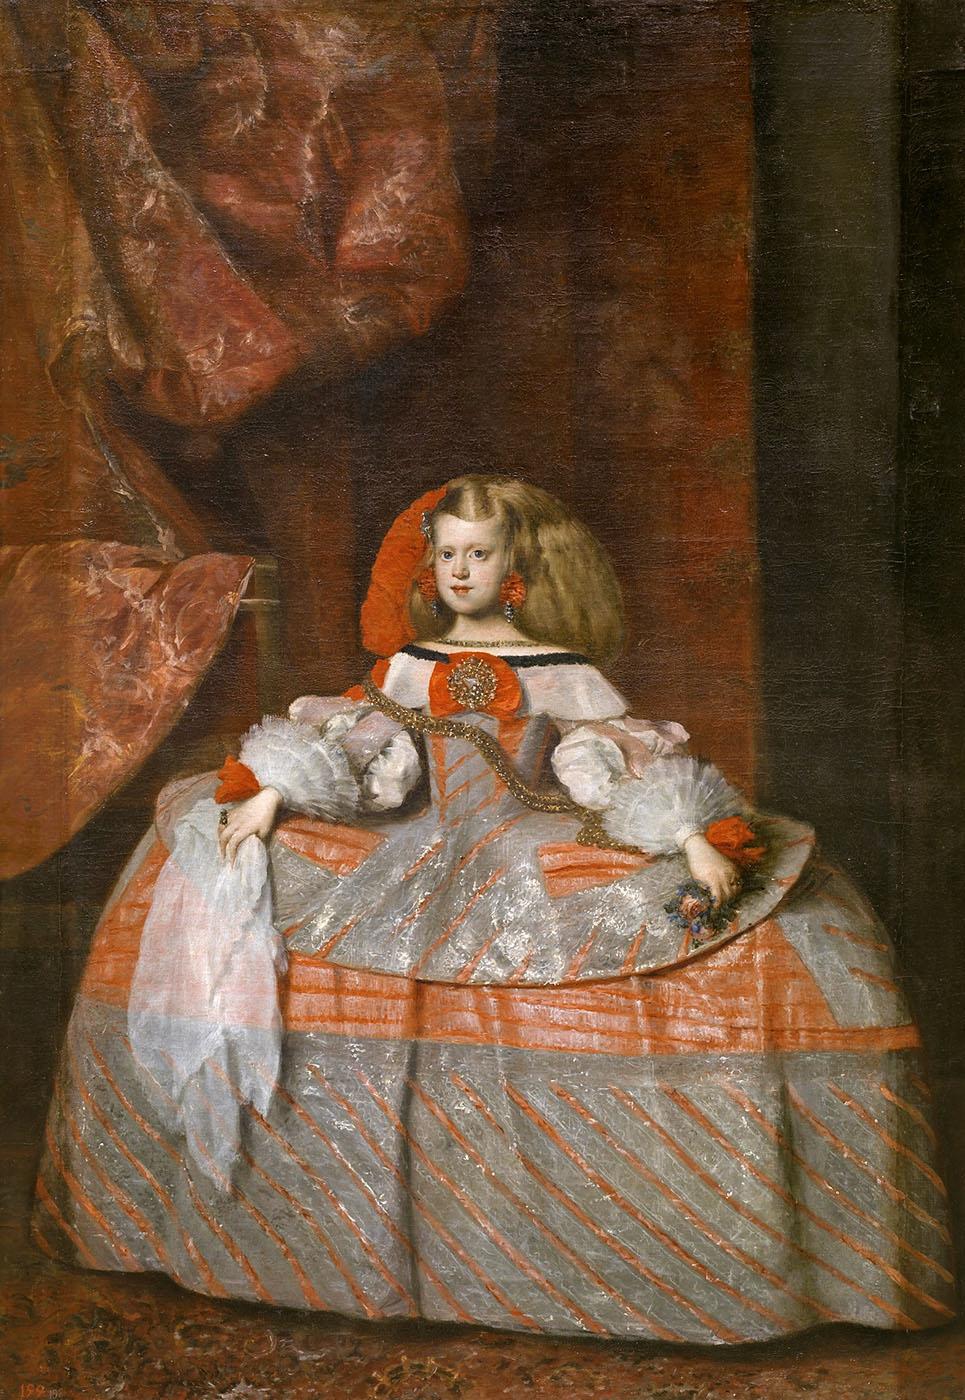 Juan Bautista Martínez del Mazo. La infanta doña Margarita de Austria. Hacia 1665. Museo Nacional del Prado. Madrid.